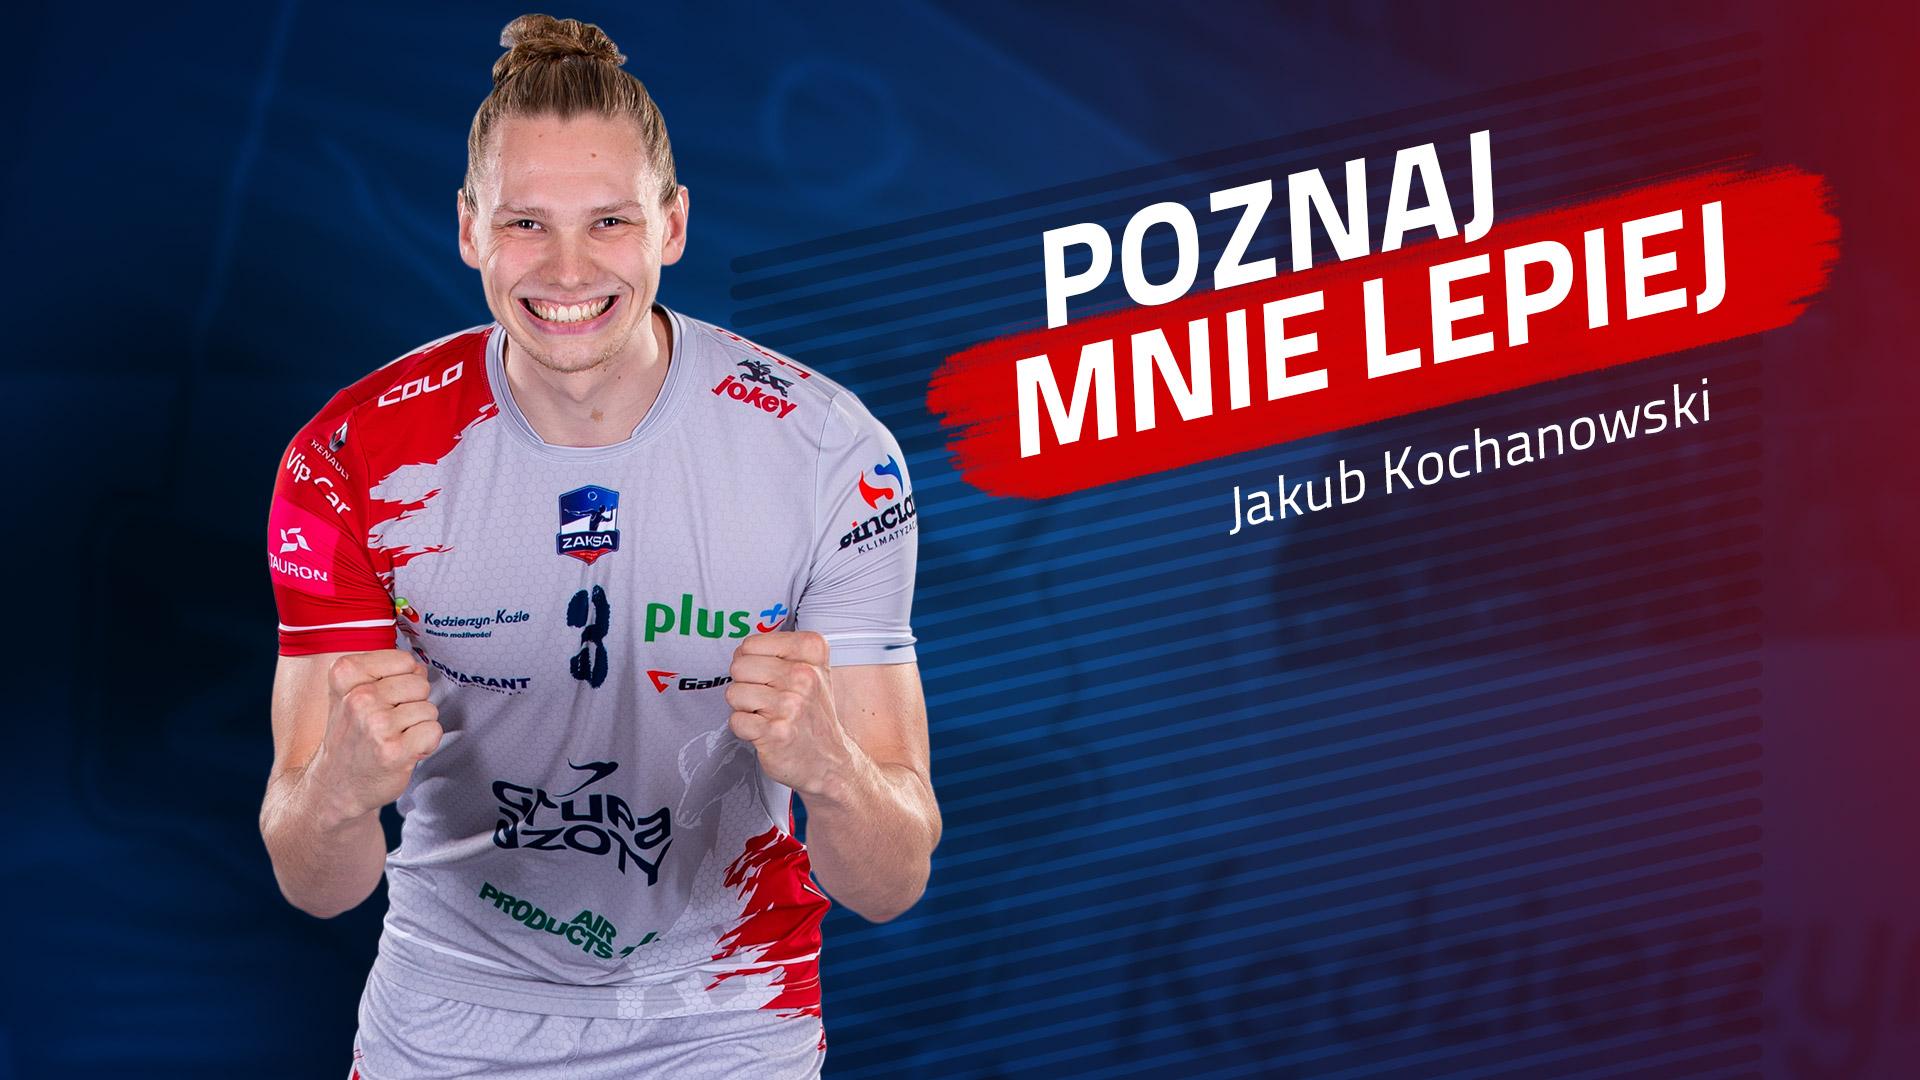 Poznaj mnie lepiej: Jakub Kochanowski